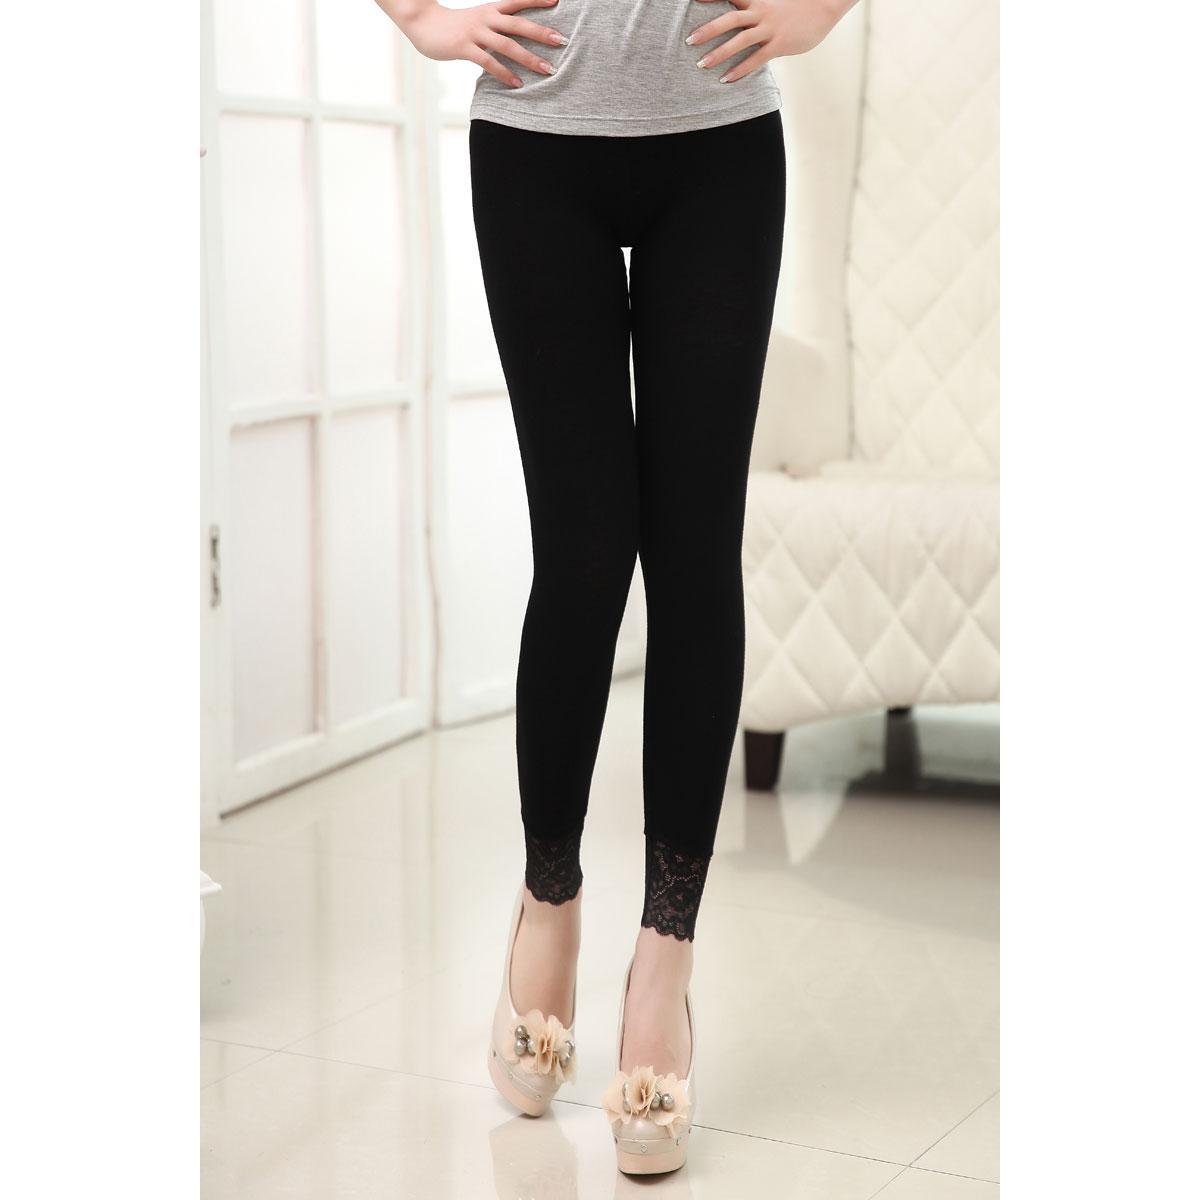 九分裤黑色高弹力脚口蕾丝花边薄款打底裤夏季爆款